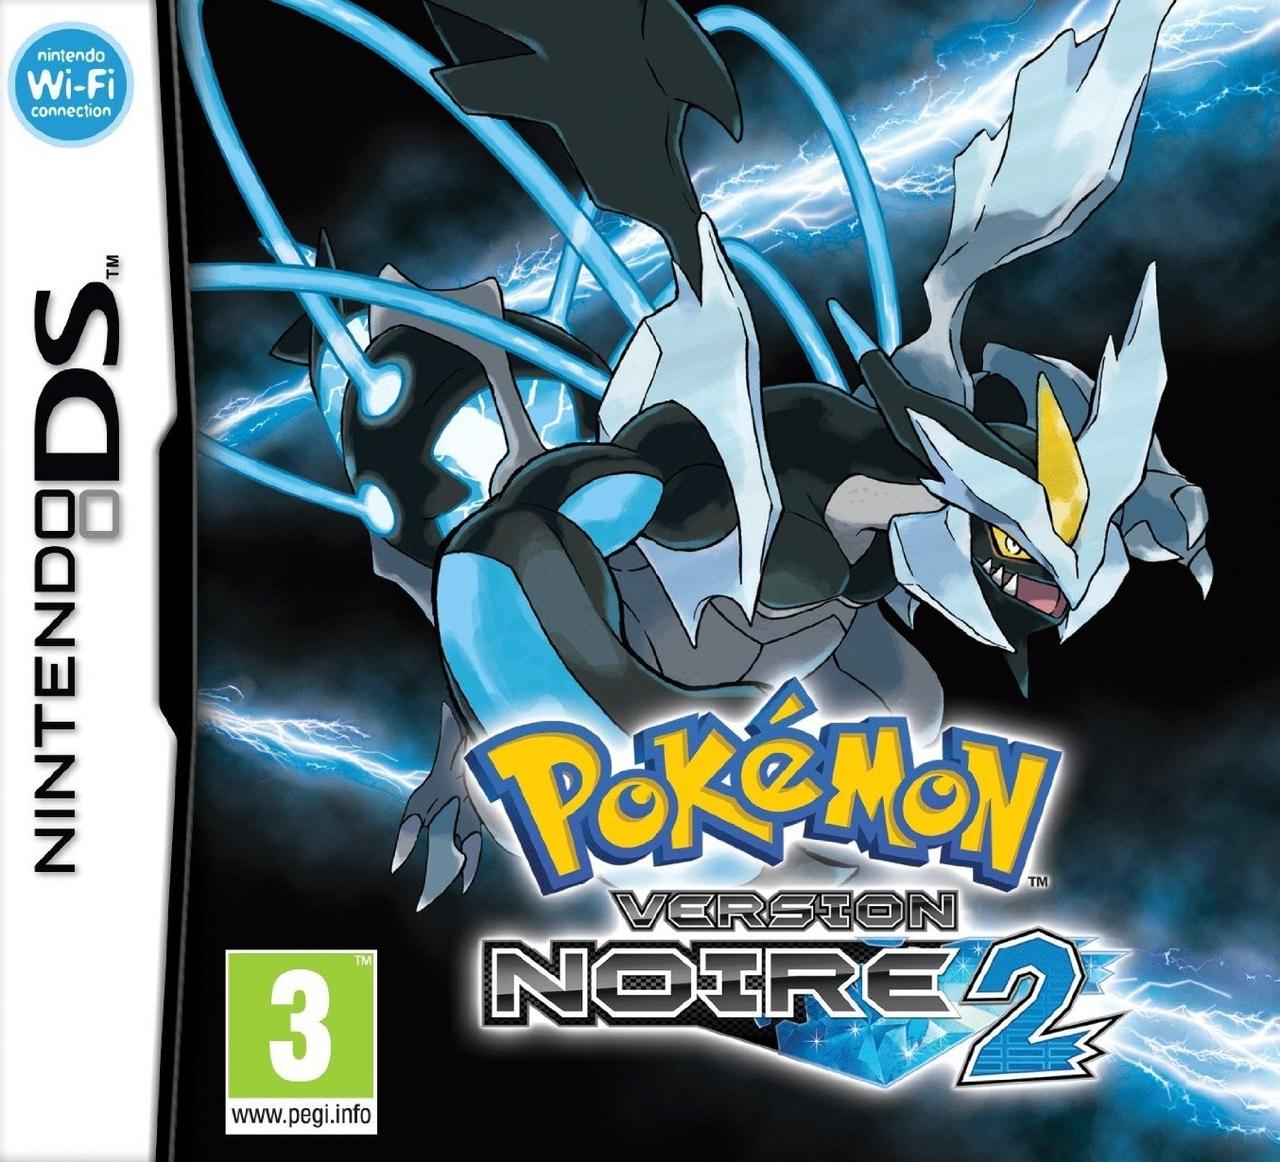 jaquette du jeu vidéo Pokémon Version Noire 2